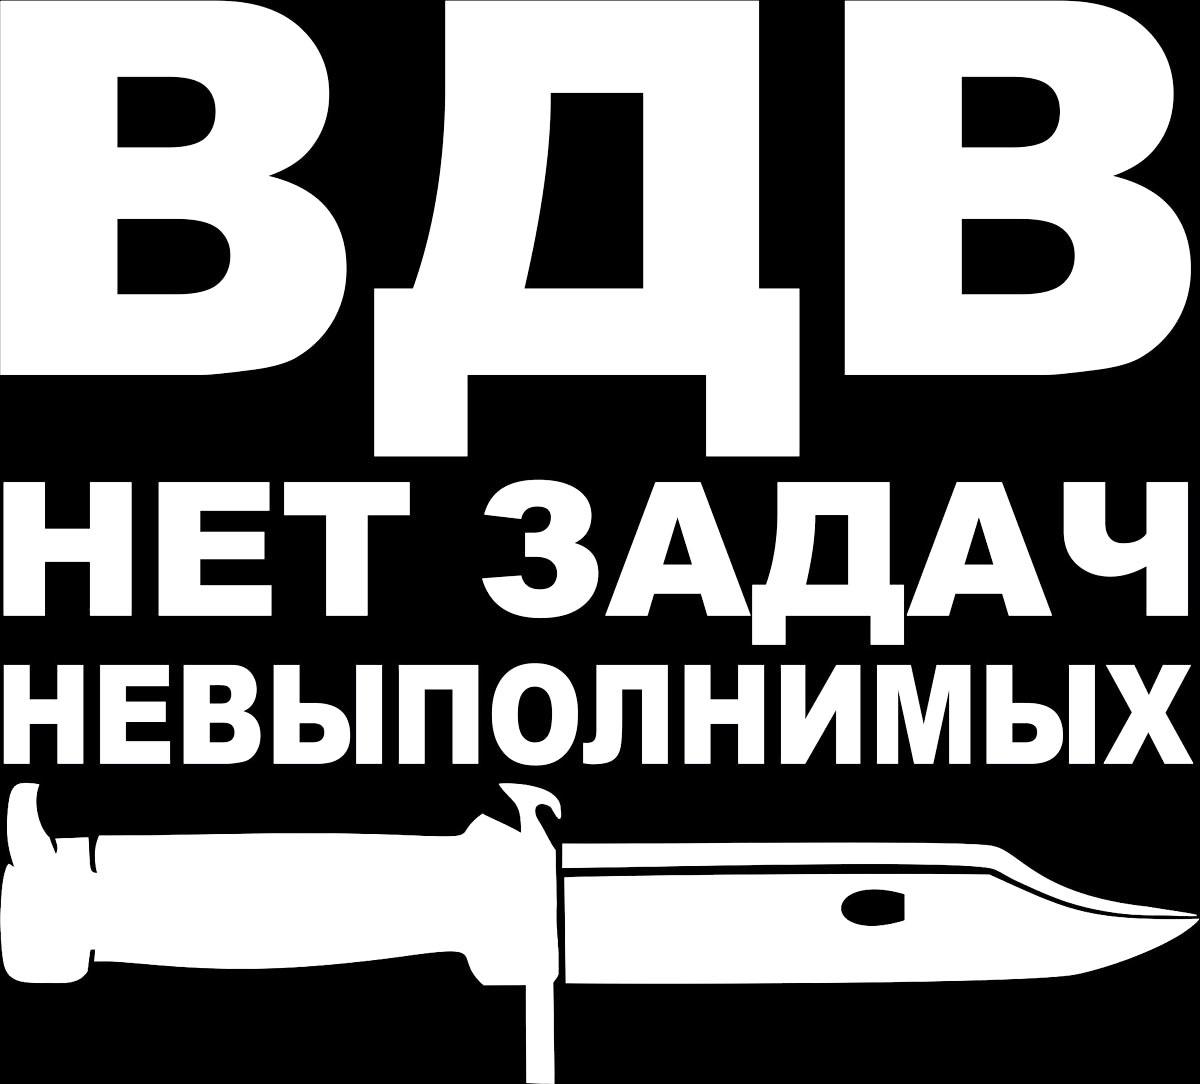 Фото - Наклейка ОранжевыйСлоник виниловая вдв  для авто или интерьера, Винил авто